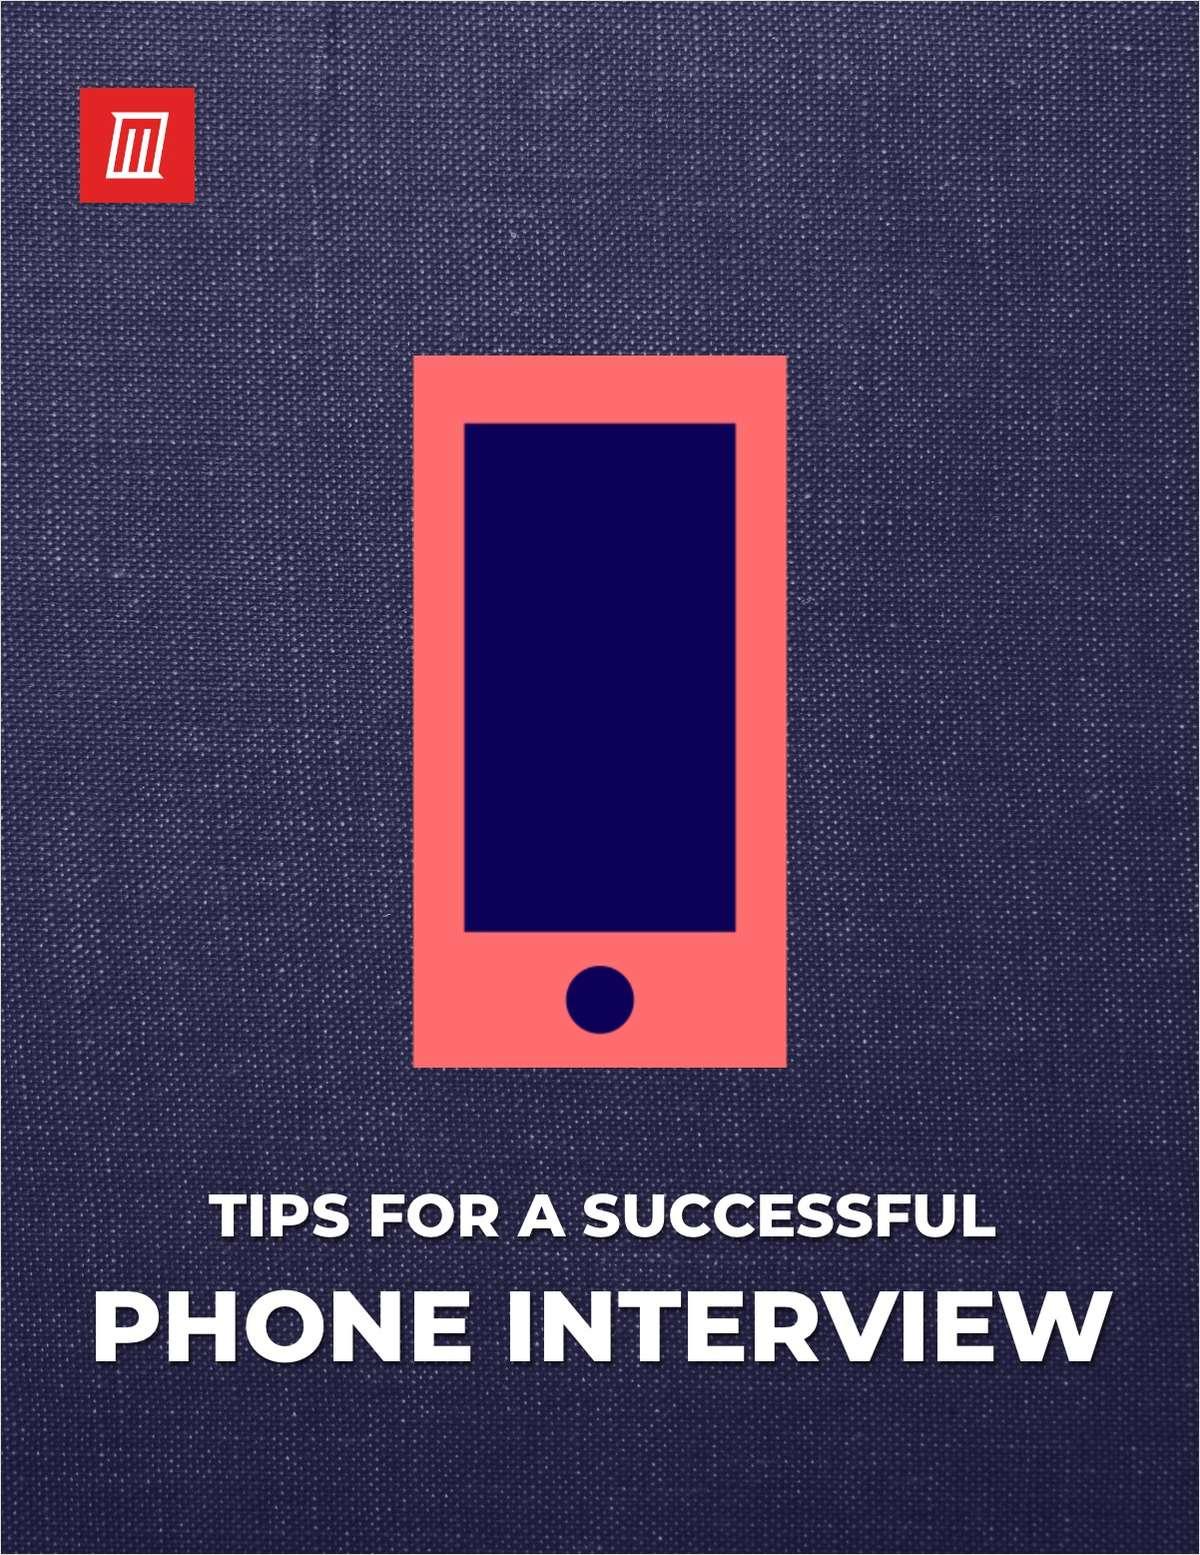 Phone Interview Essentials